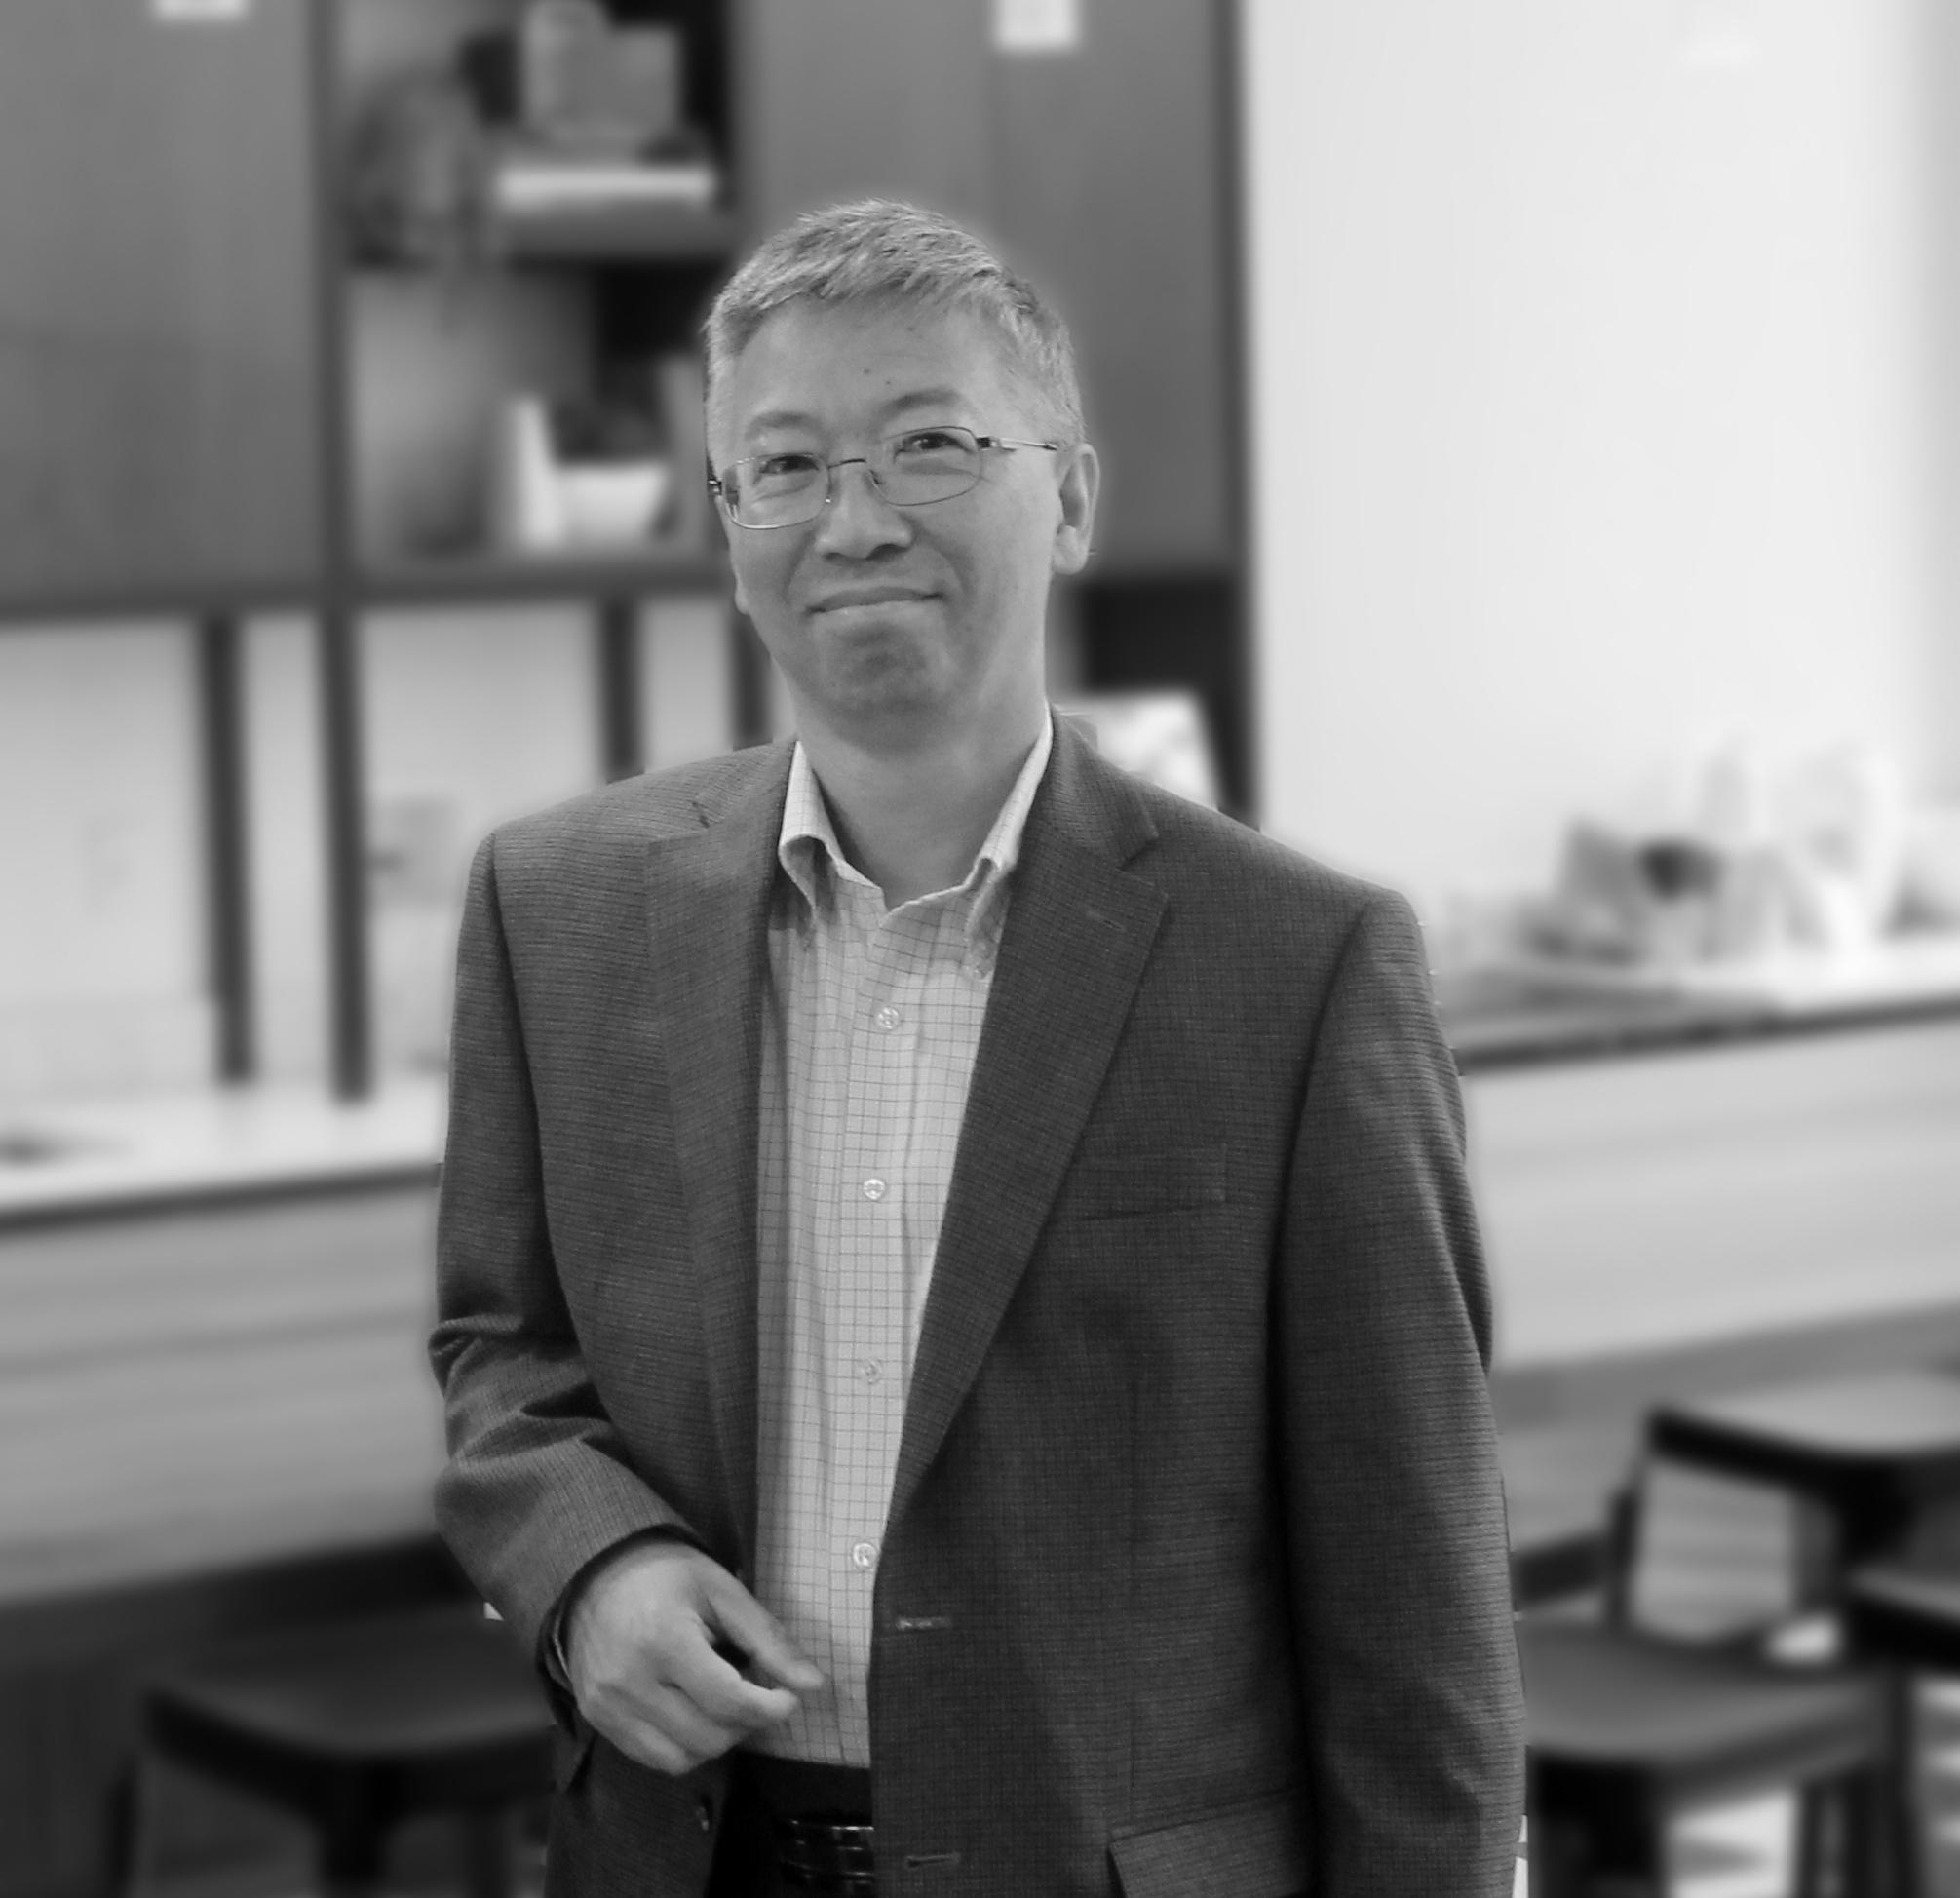 Patrick Chan, P.E. - VICE PRESIDENT